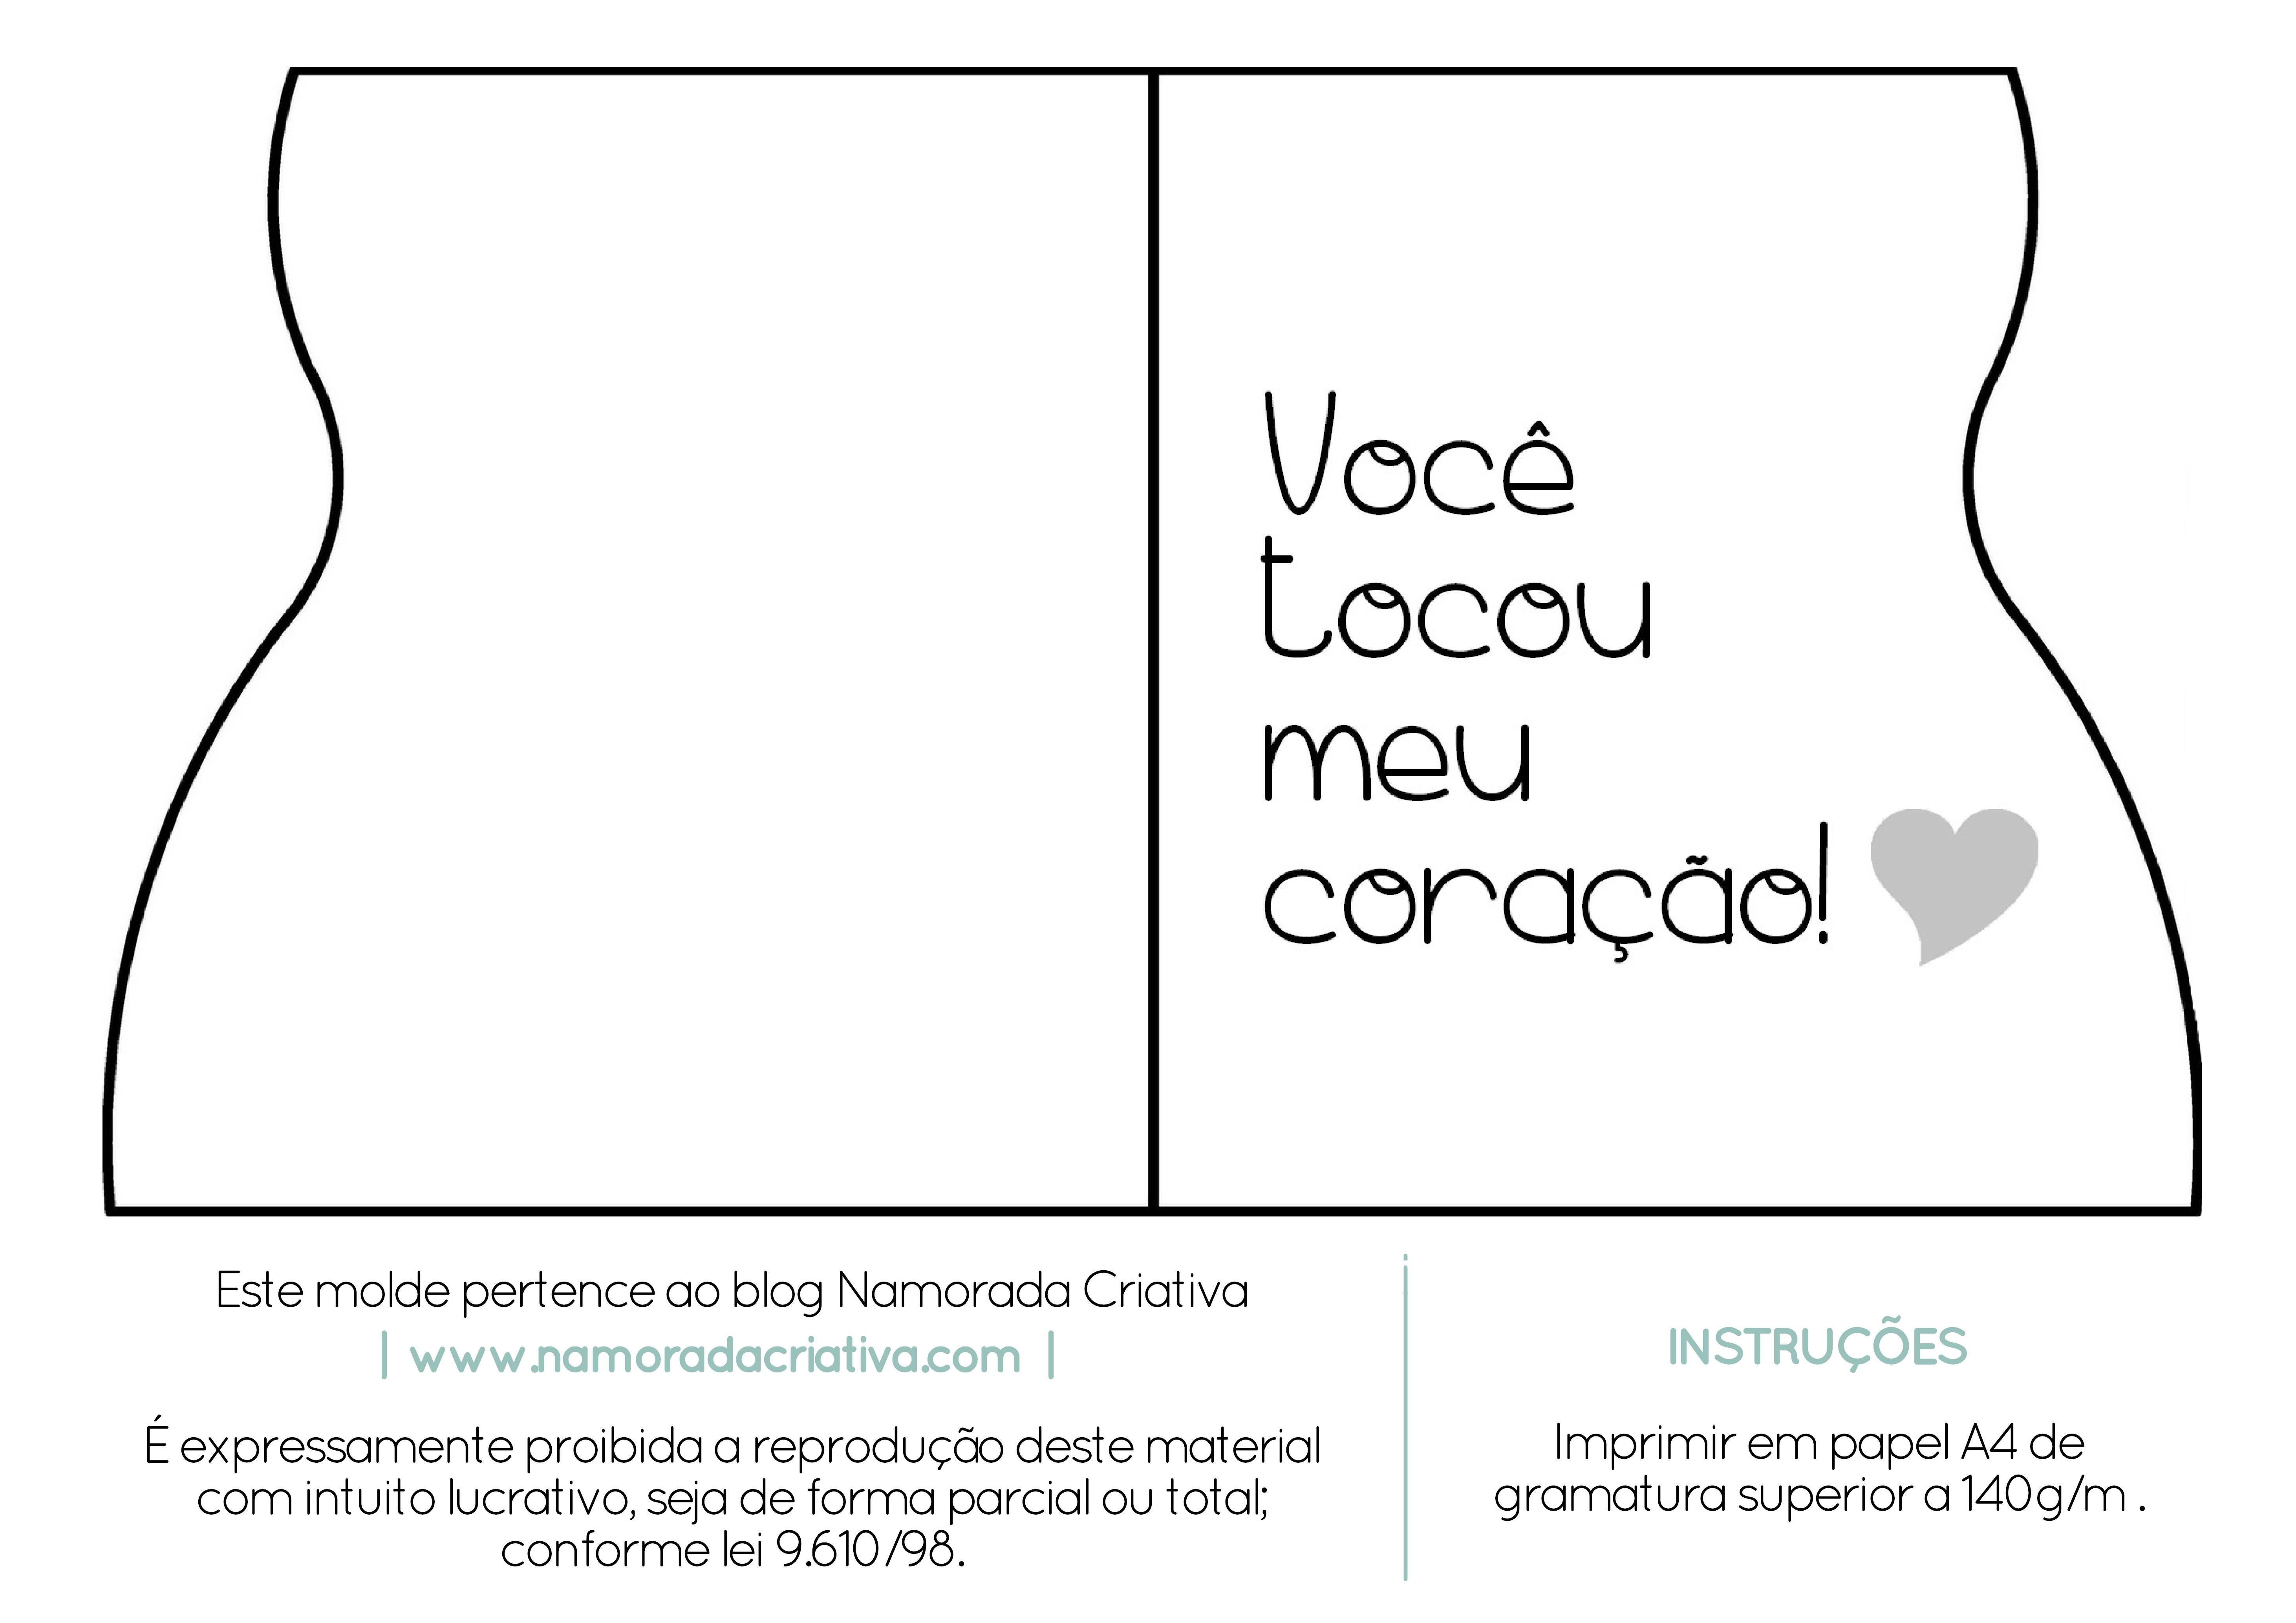 DIY-CARTÃO-VOCÊ-TOCOU-MEU-CORAÇÃO-MOLDE-01